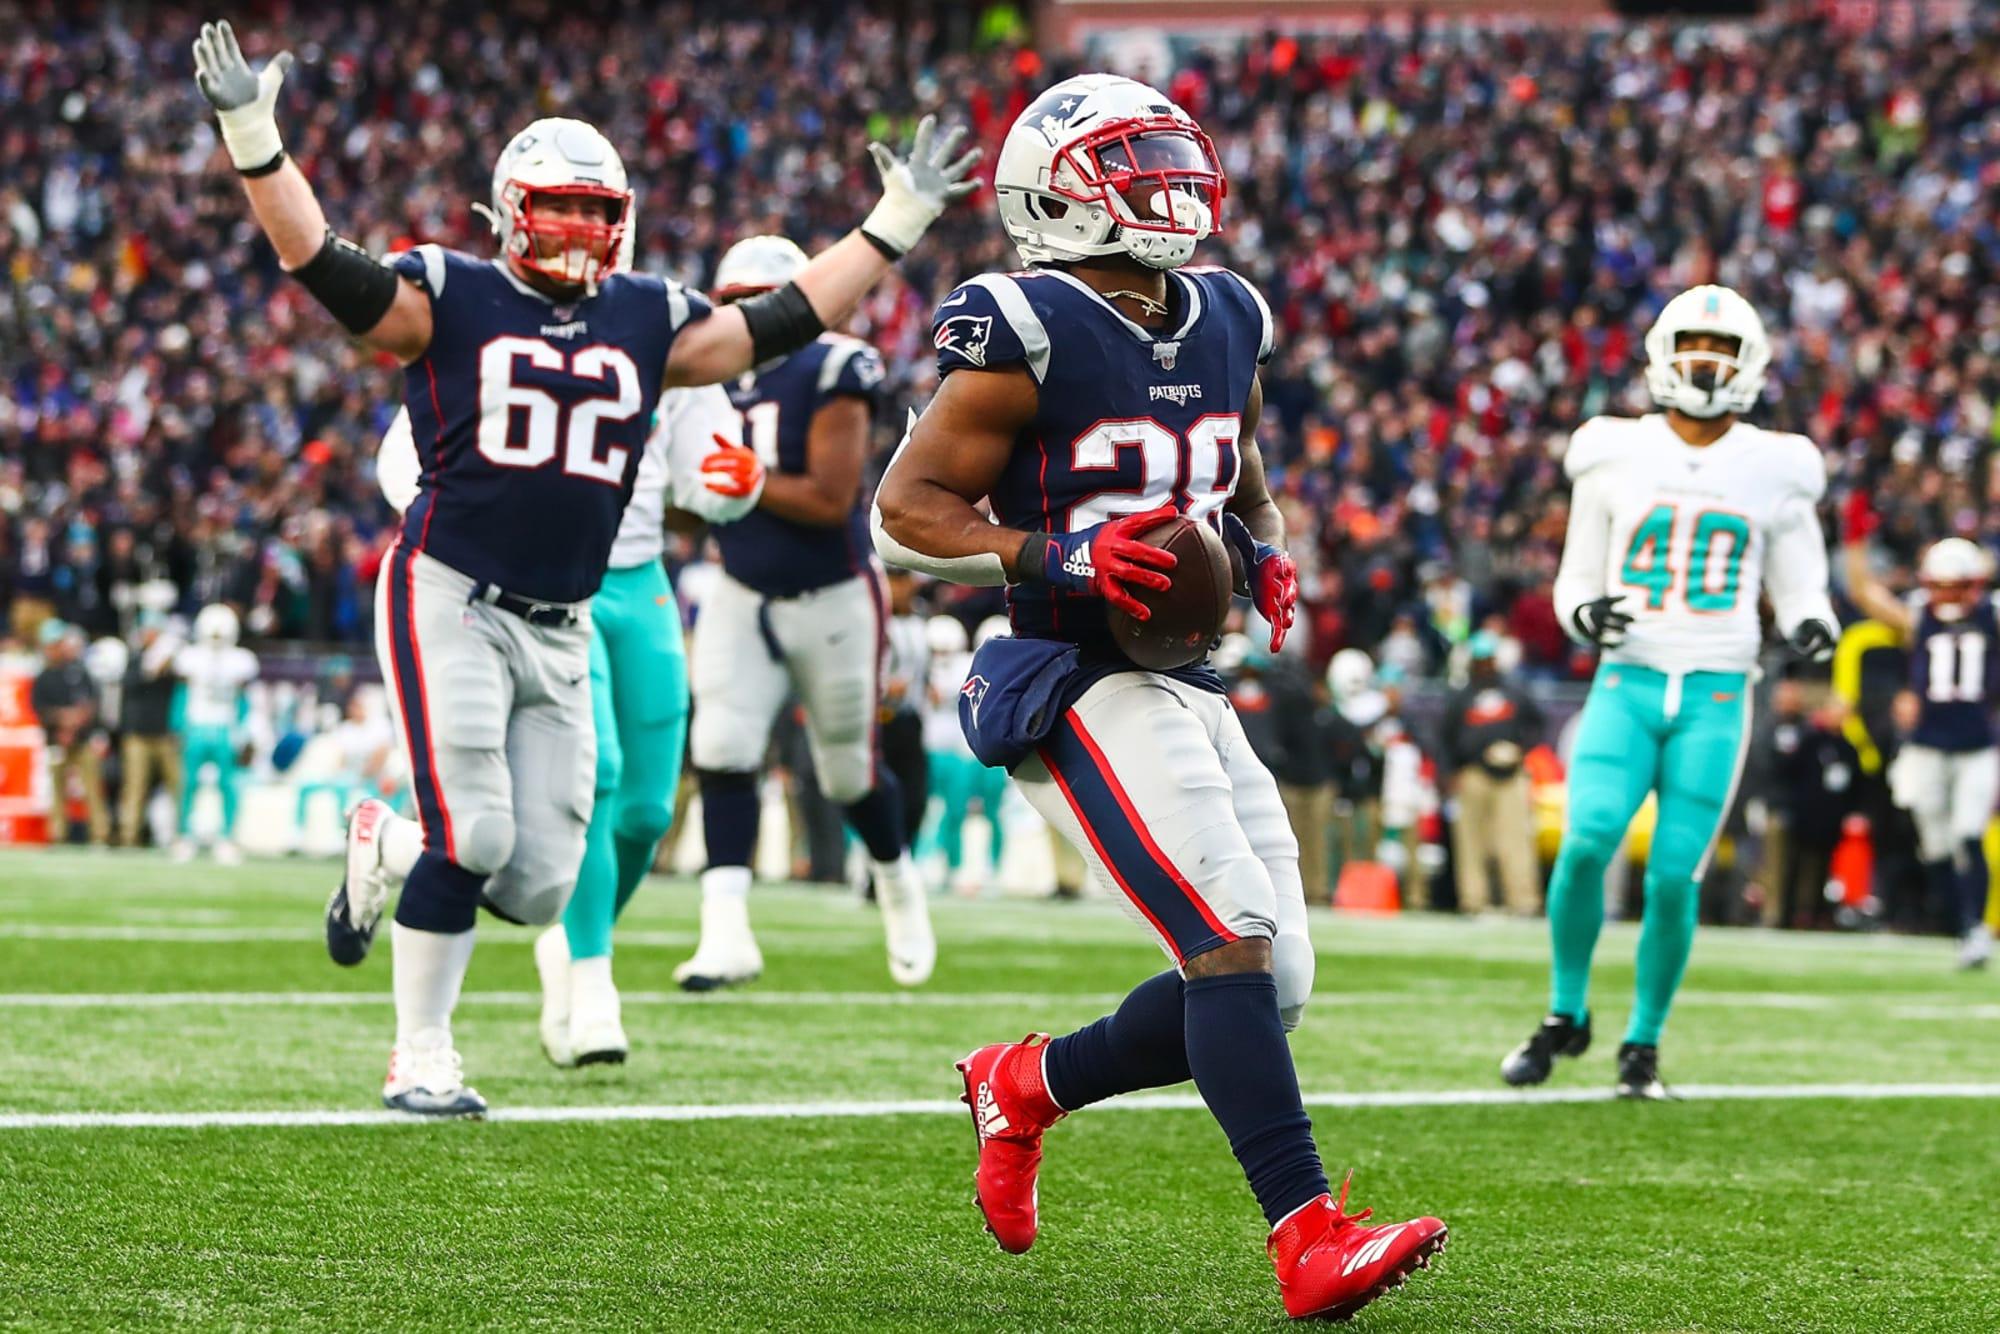 New England Patriots Team Spends Big On Running Backs